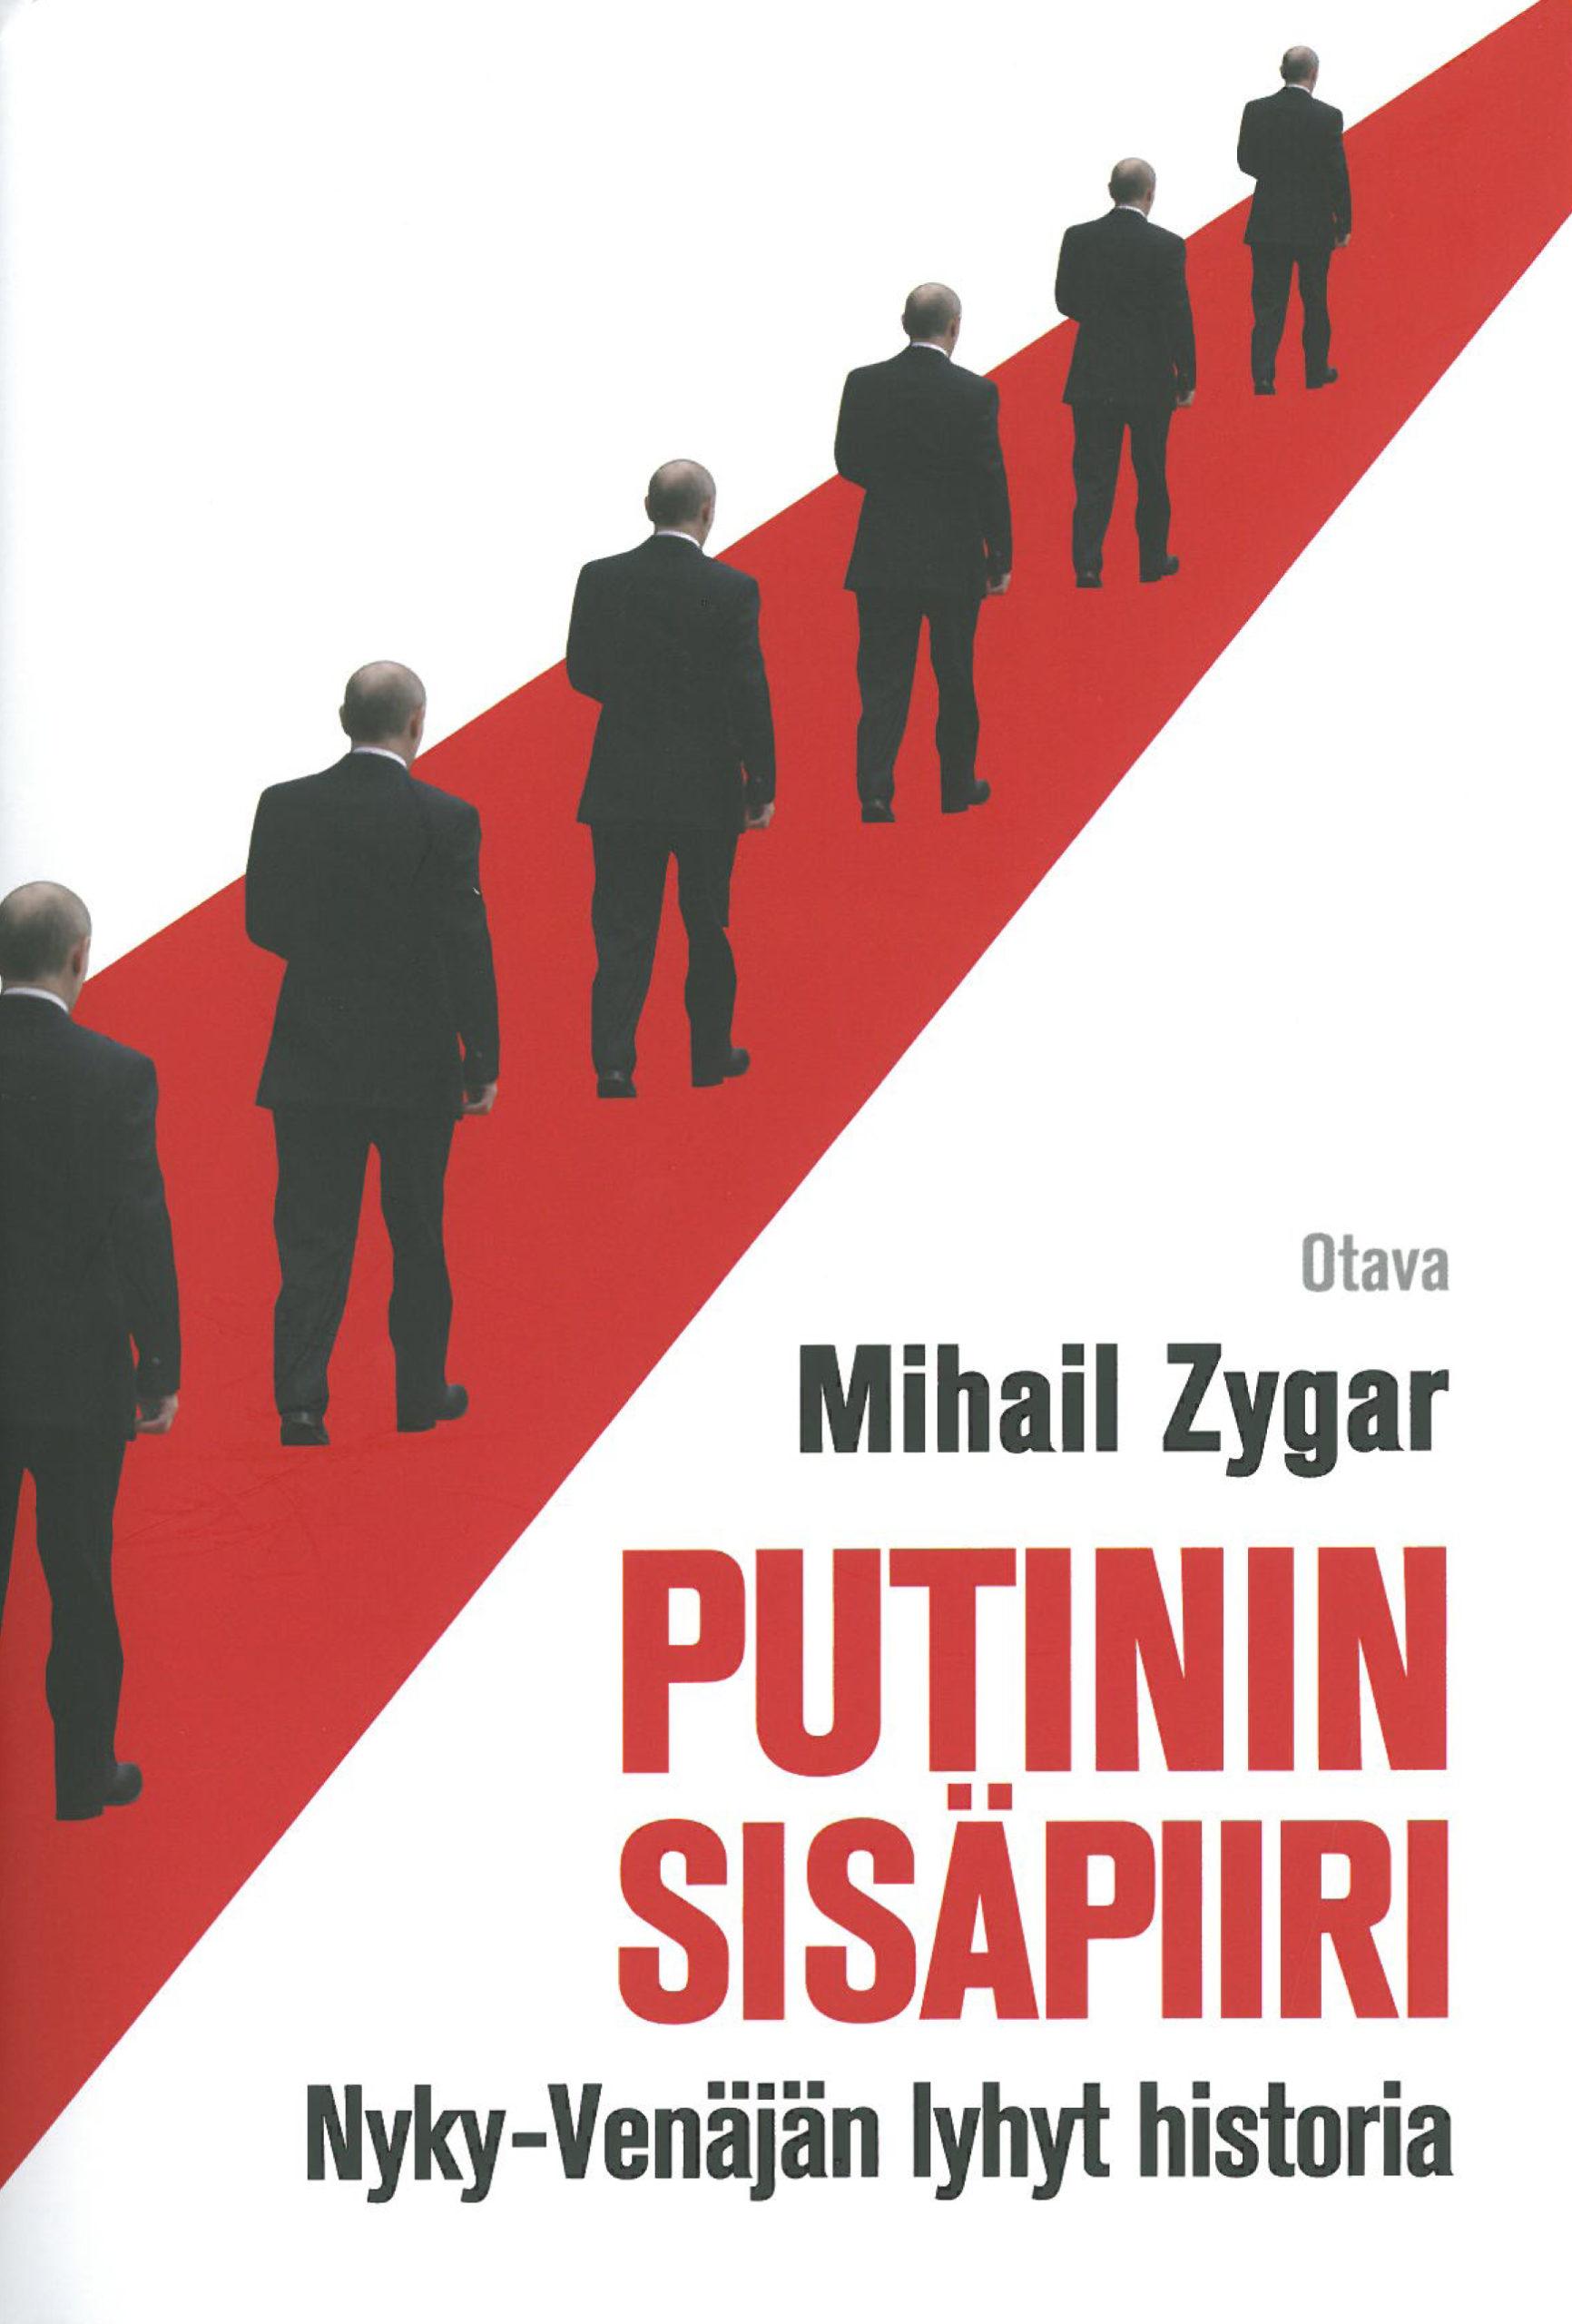 Mihail Zygar: Putinin sisäpiiri. Nyky-Venäjän lyhyt historia. Otava 2016, 457 s.